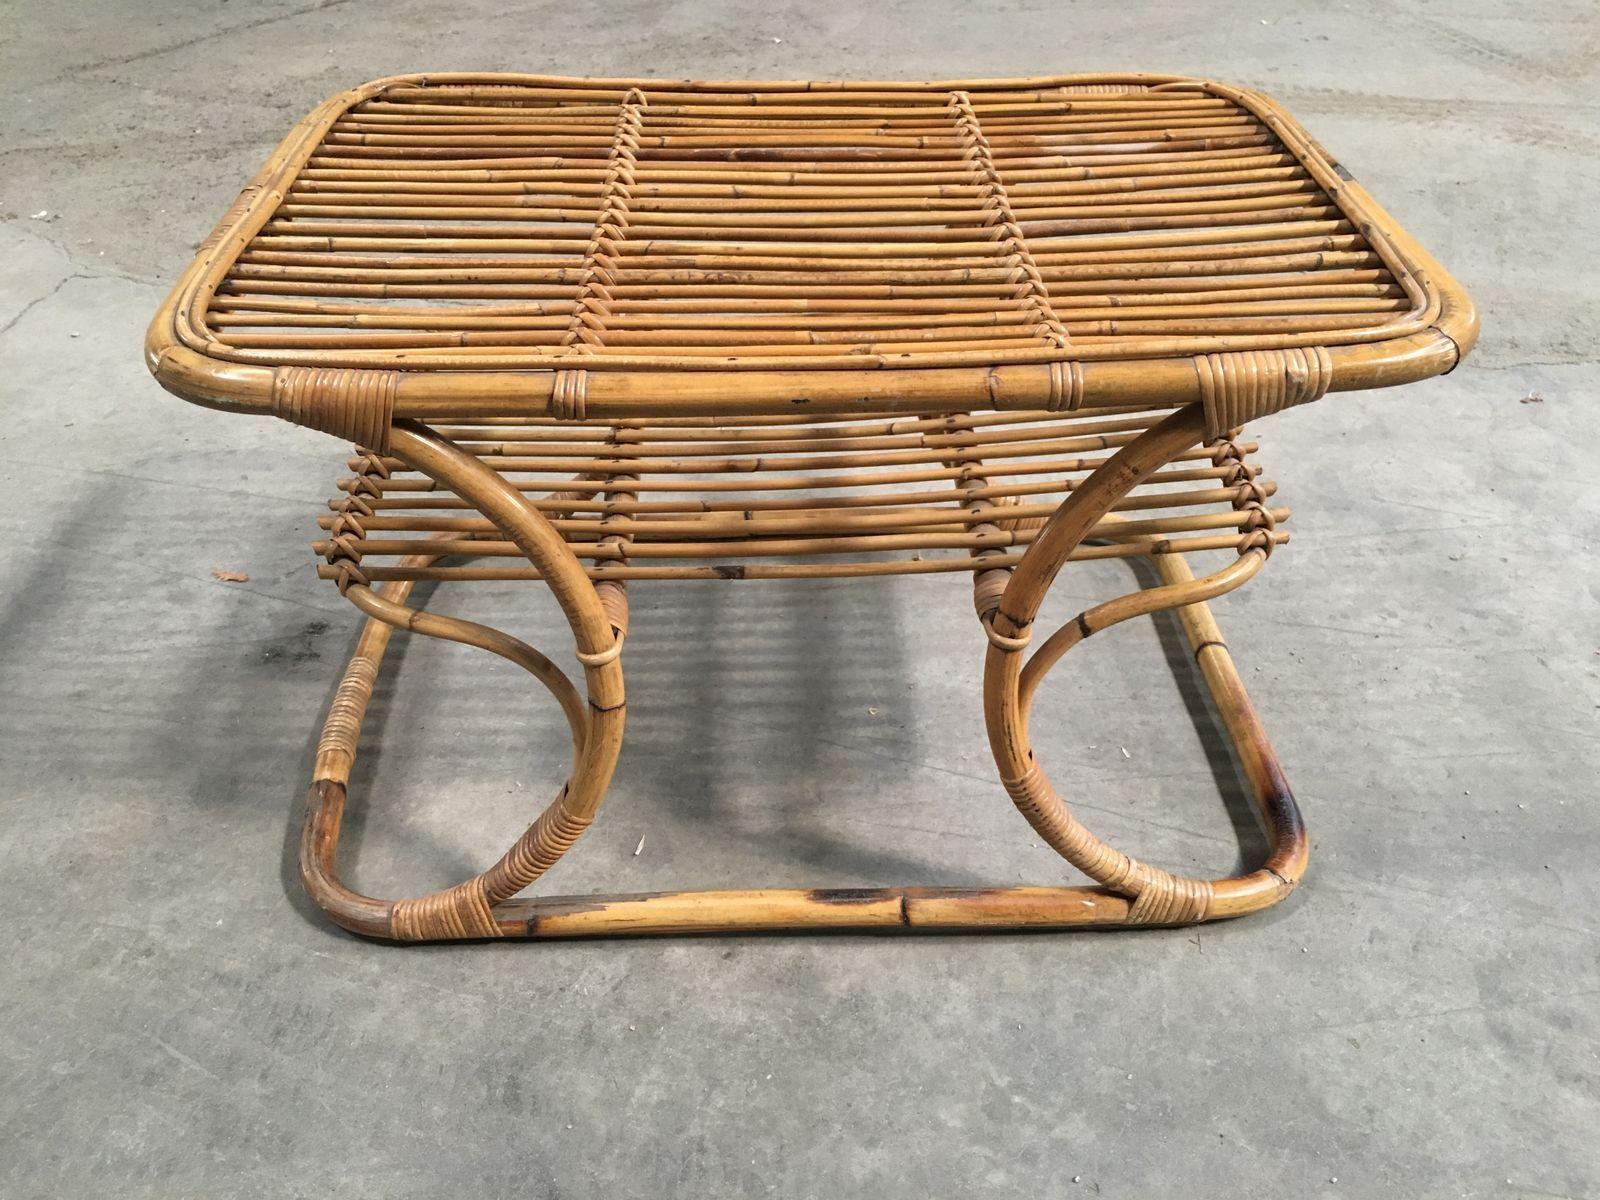 Runder Tisch Höhenverstellbar Ausziehbar Beistelltisch Glas Design Couchtisch Ahorn Couchtisch Weiß Tisch Höhenverstellbar Beistelltisch Glas Couchtisch